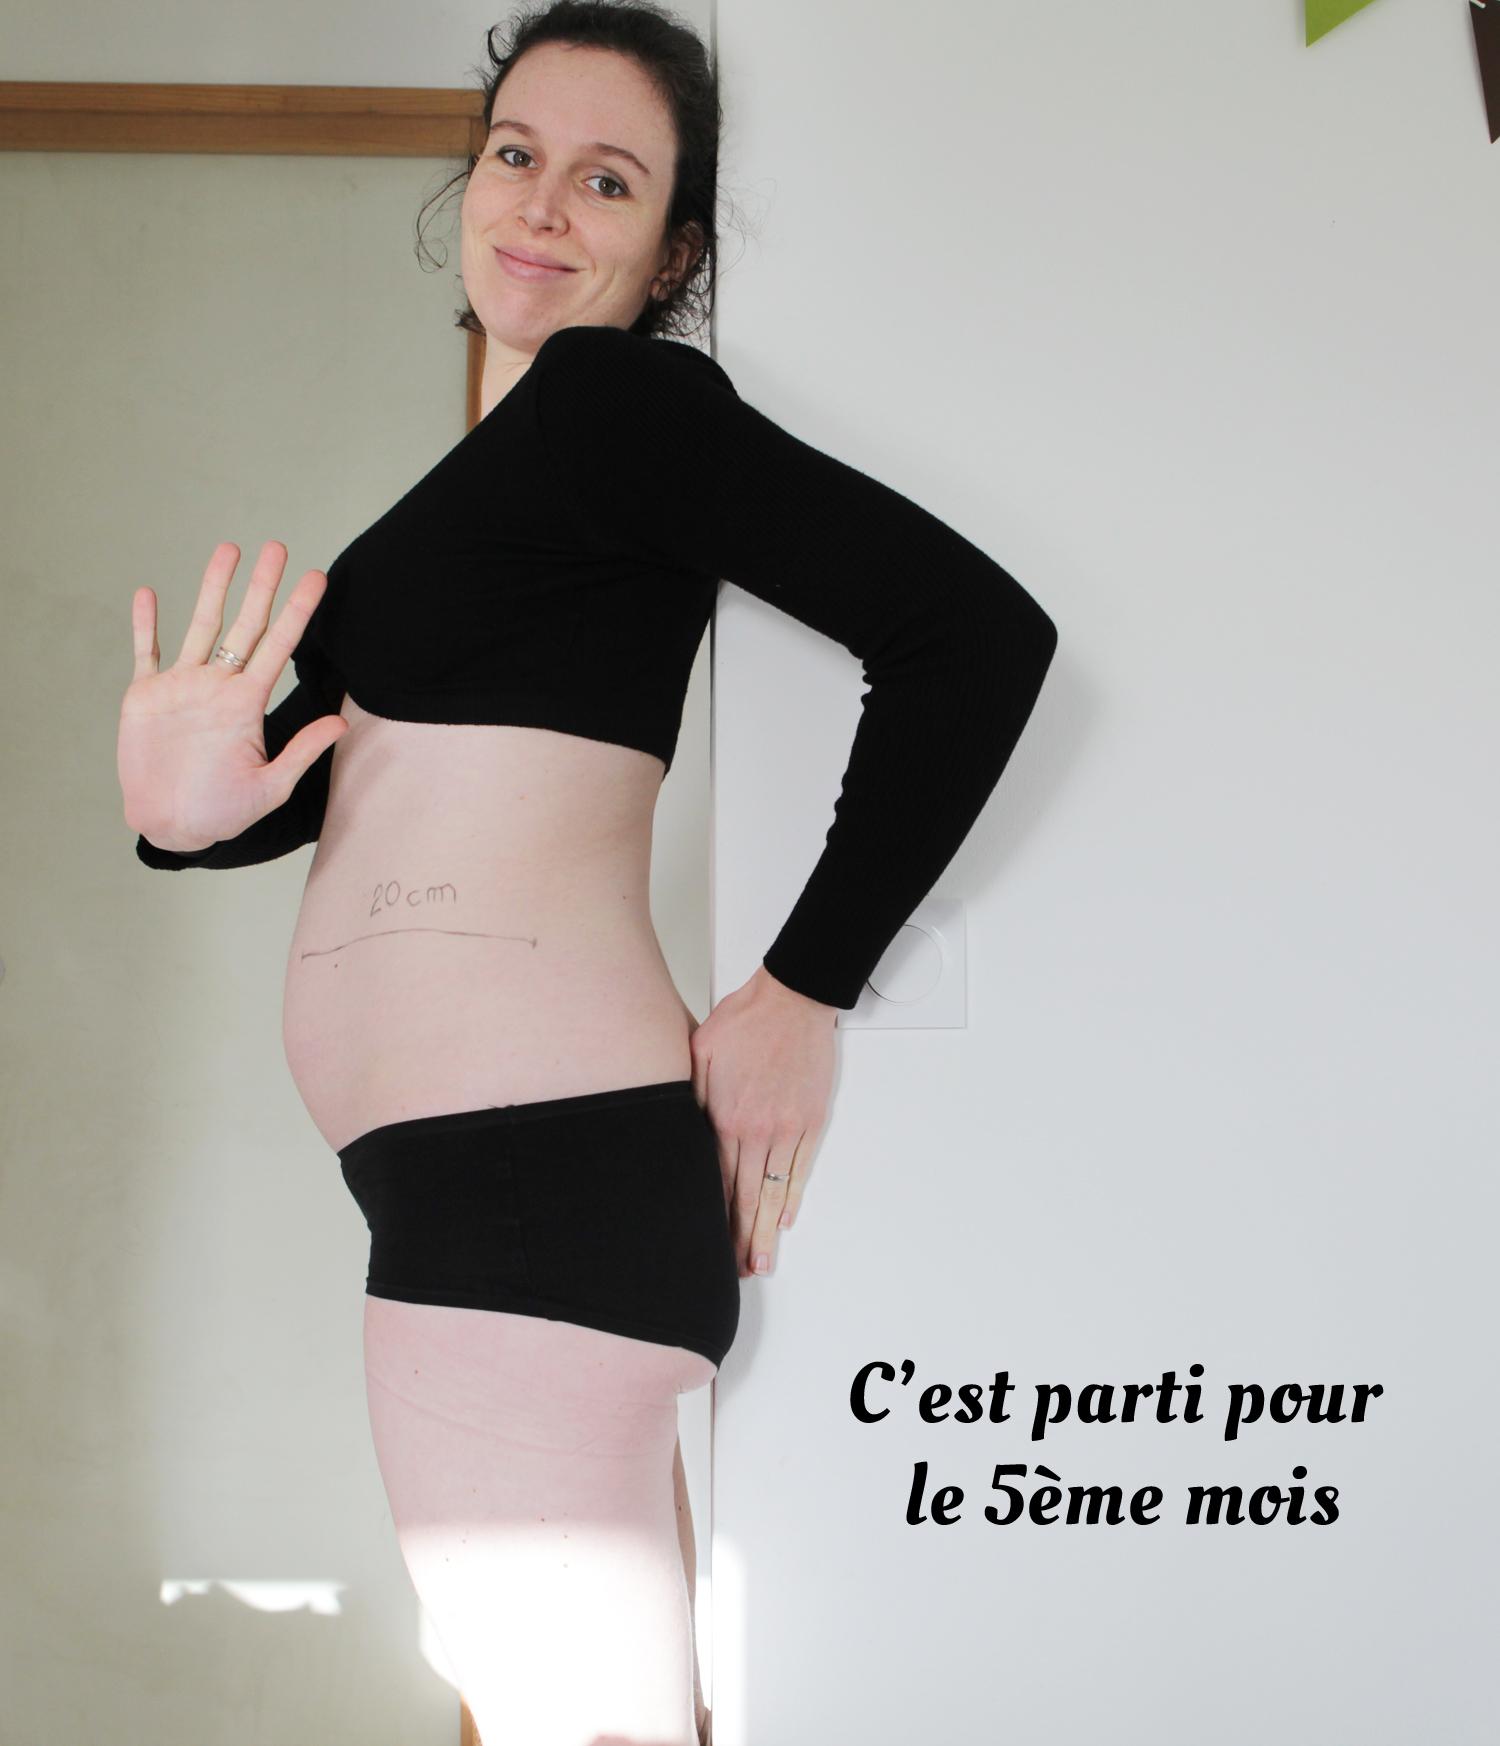 5 mois enceinte et saignant